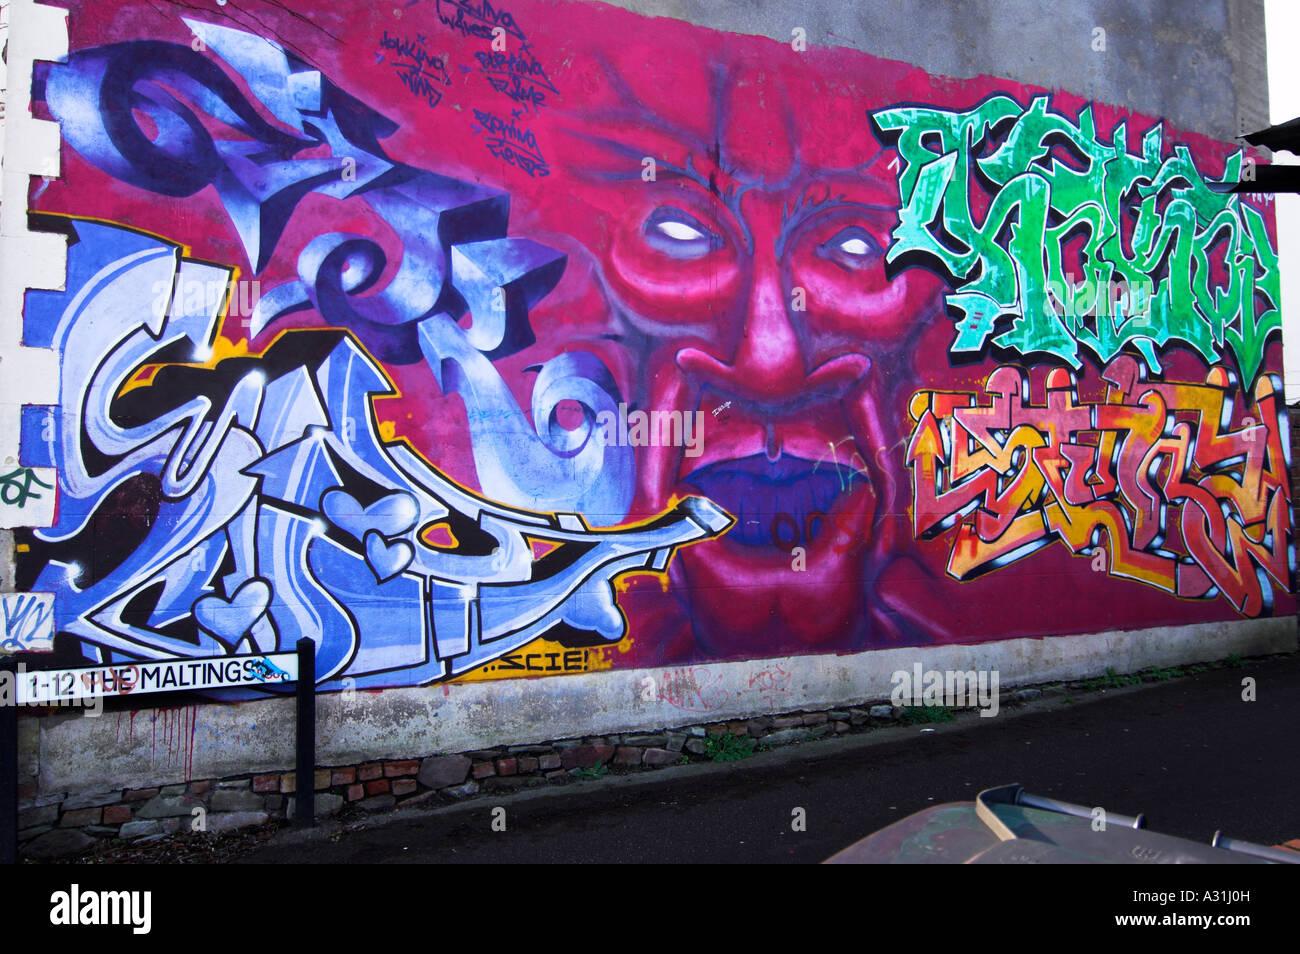 Graffiti wall uk - Graffiti Wall Art Montpelier Bristol Uk